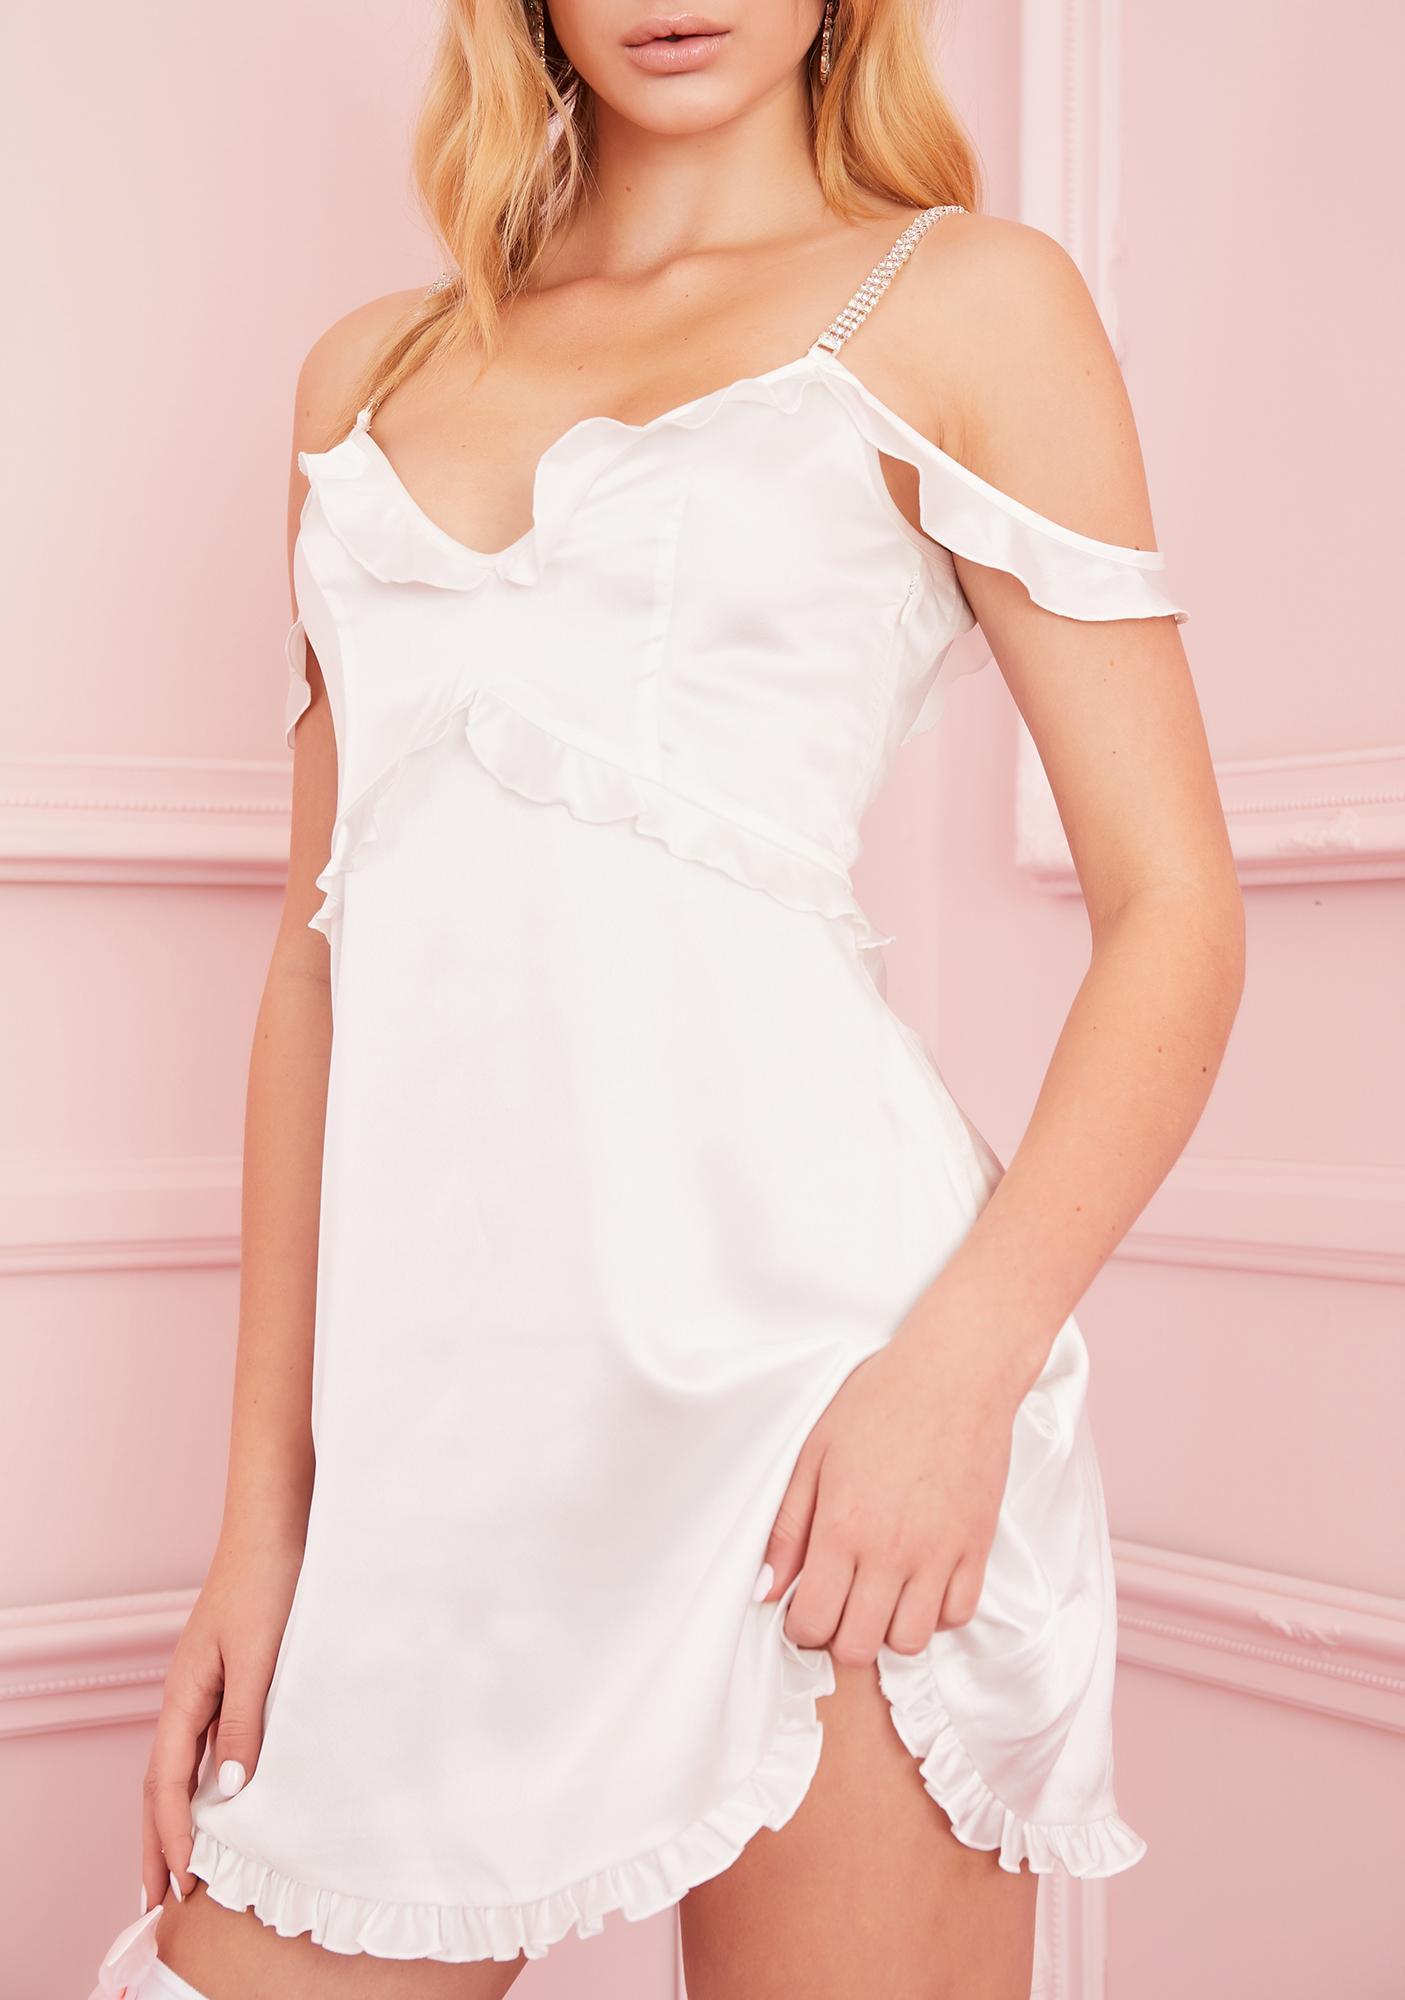 Sugar Thrillz Holy Alimony Satin Dress